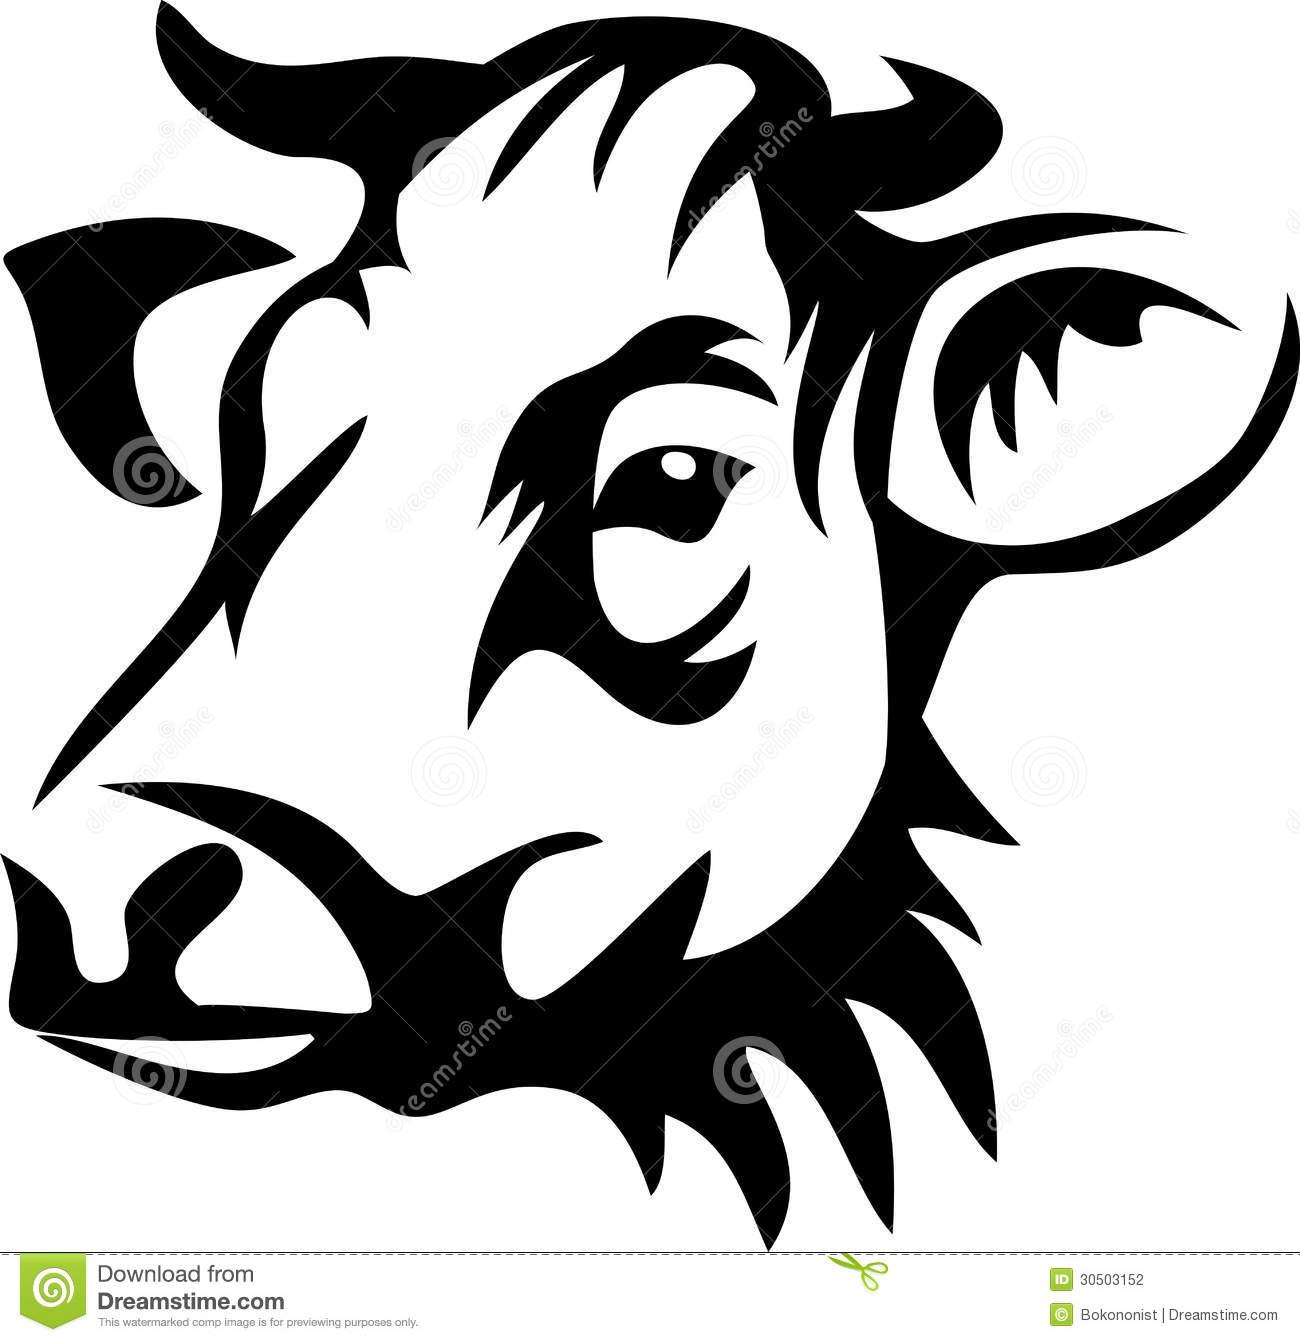 Black cow head clipart - photo#1